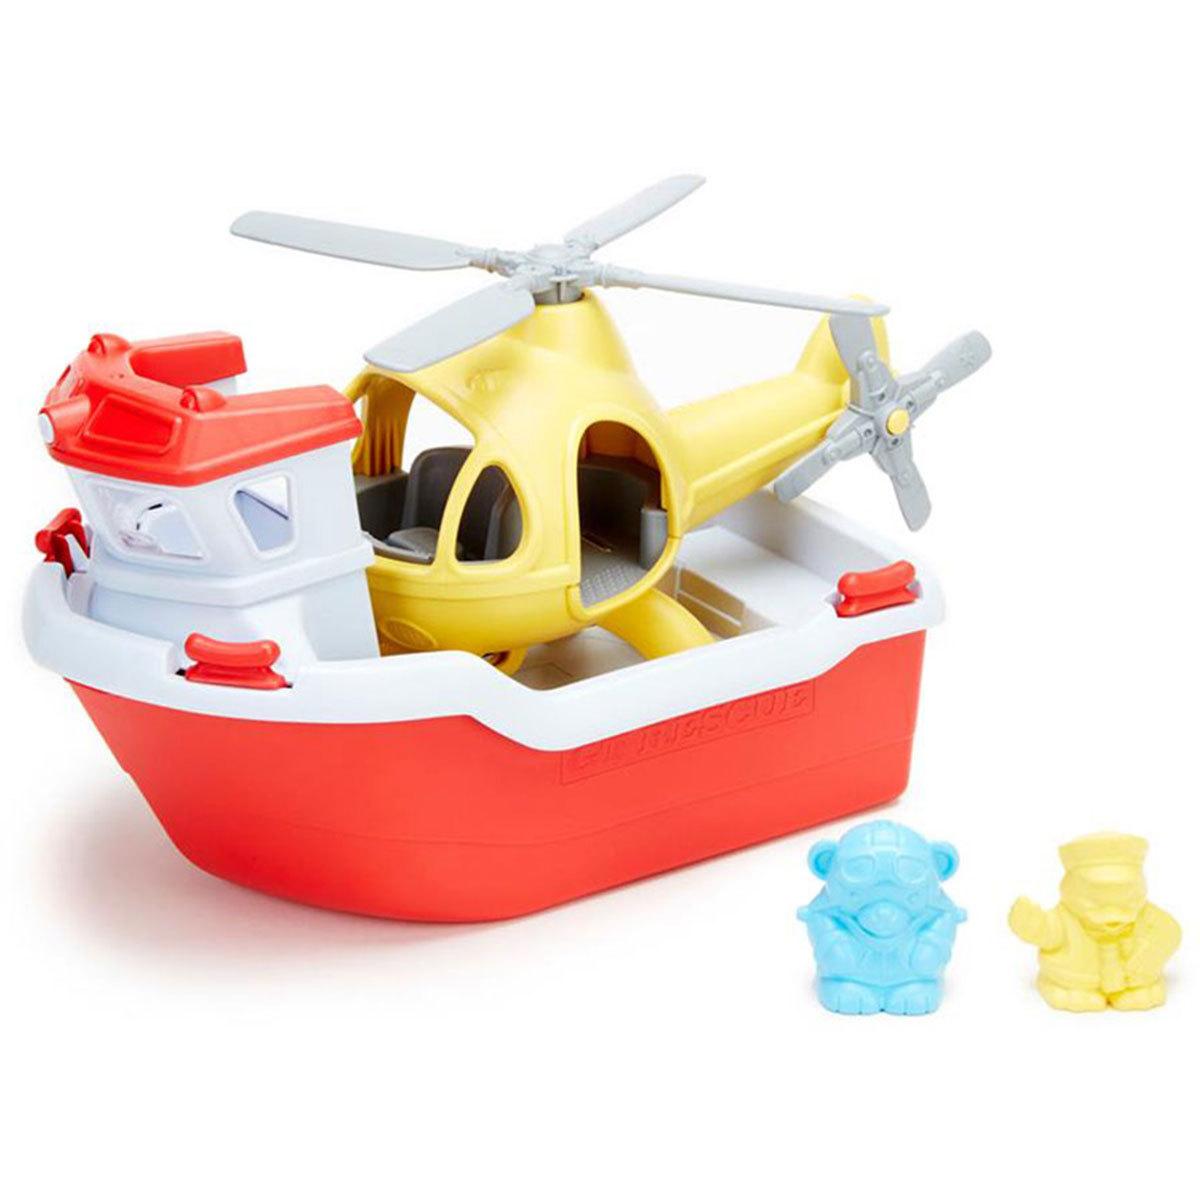 Mes premiers jouets Jeu de Bain Bateau de Sauvetage et Hélicoptère